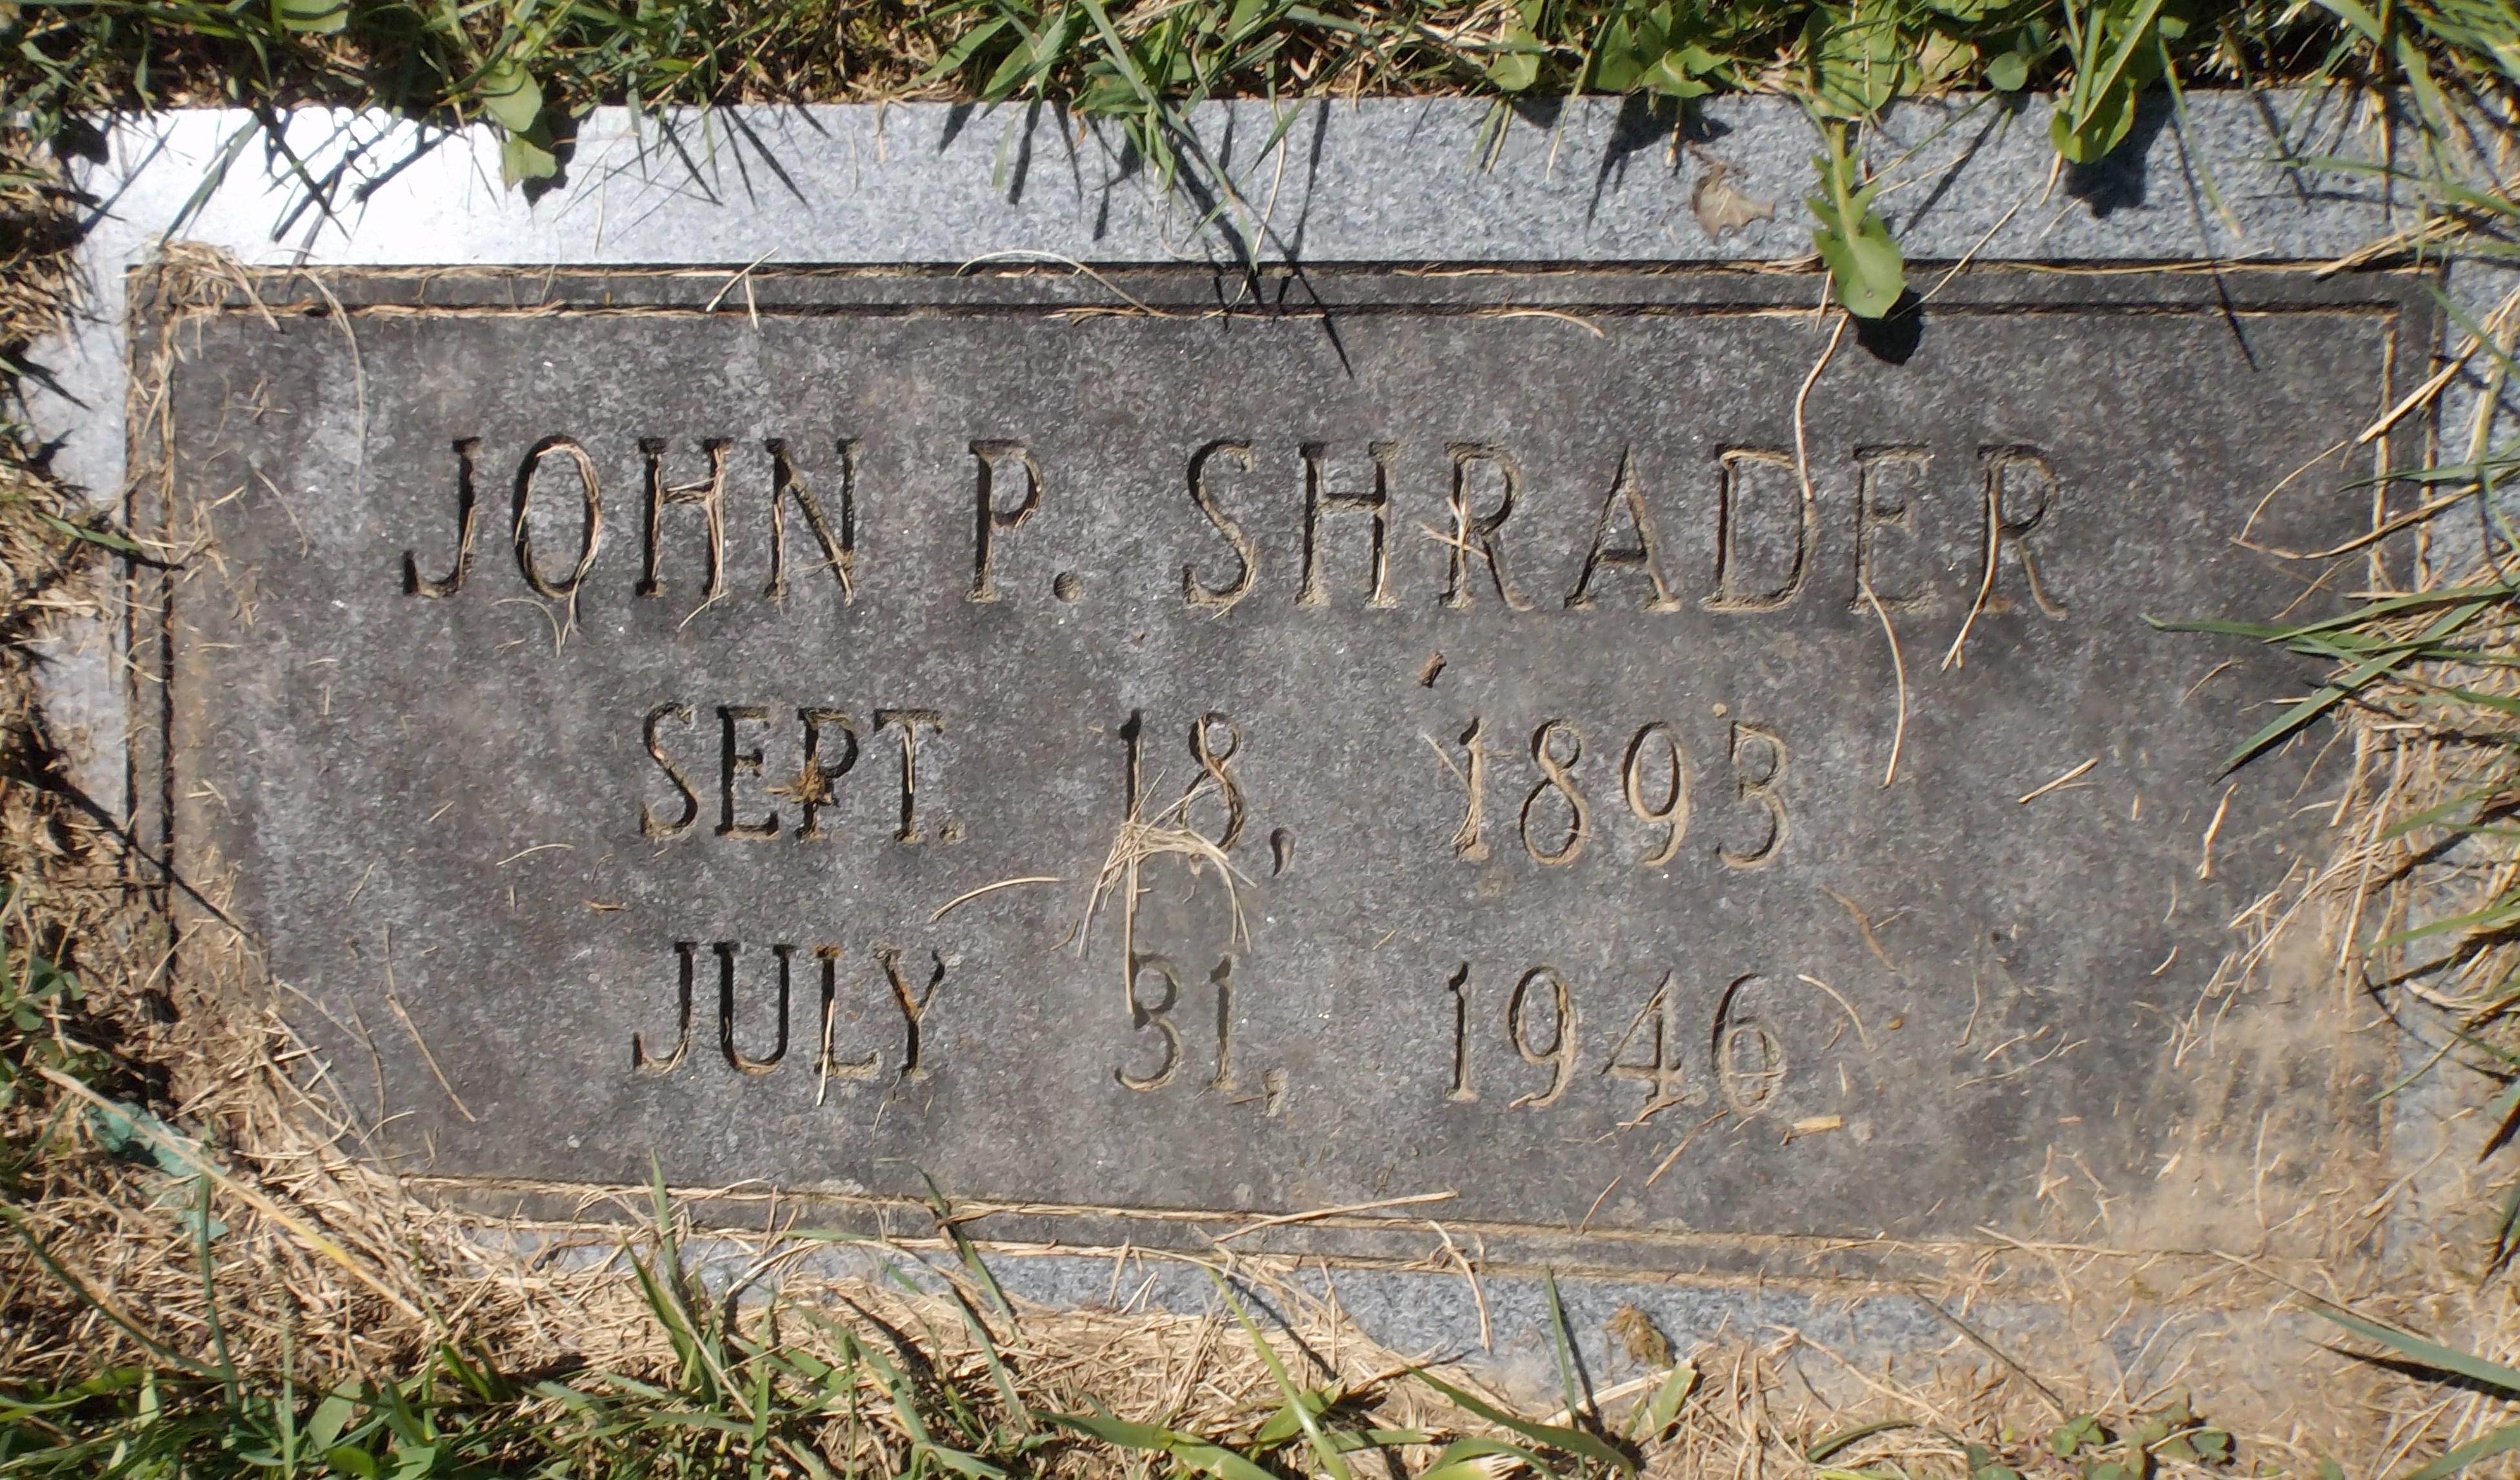 John Patton Shrader